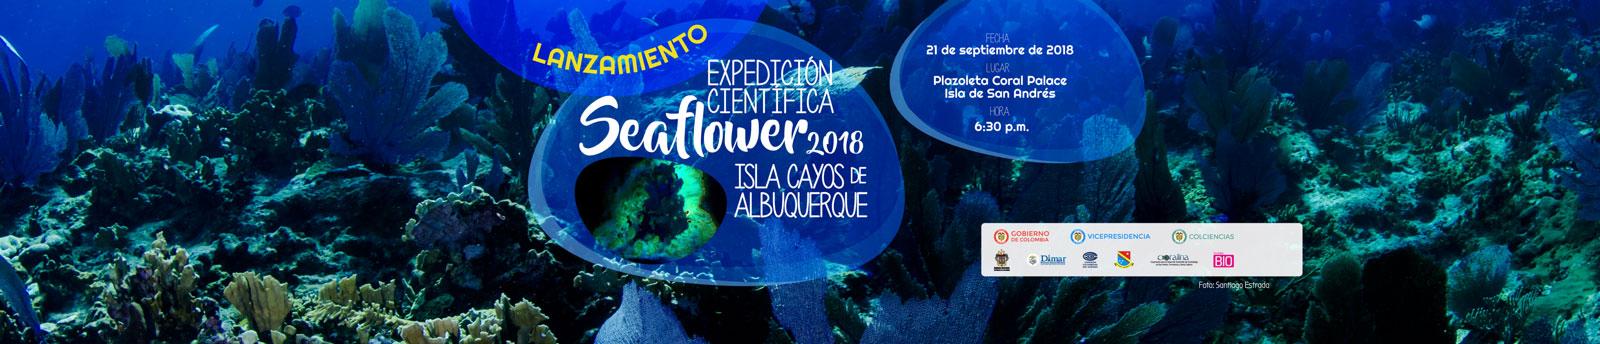 Expedición Científica Seaflower 2018 rumbo a la Isla Cayos de Albuquerque